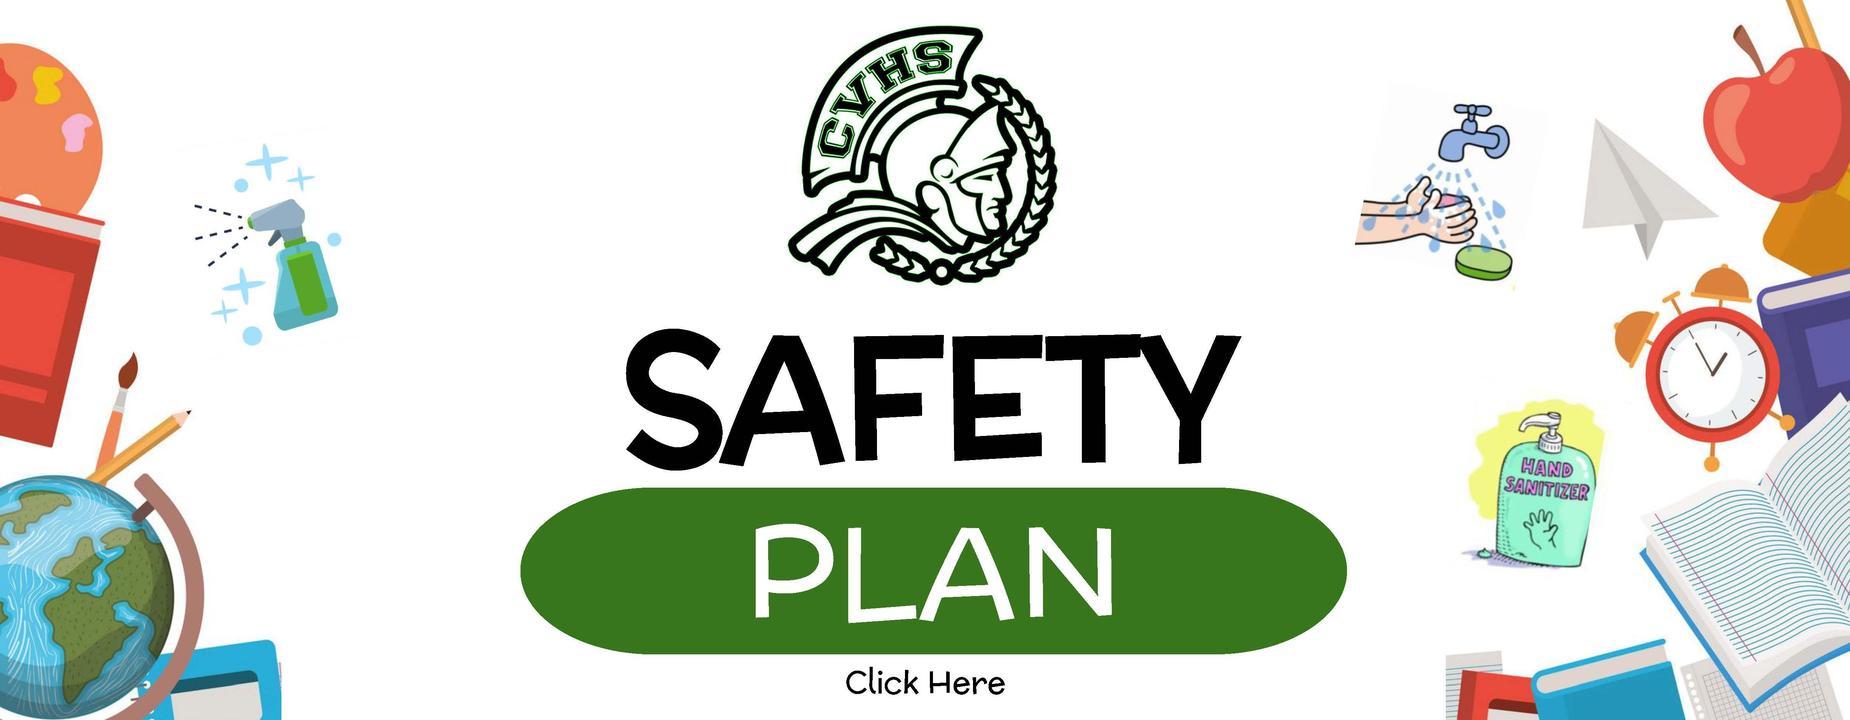 safety plan